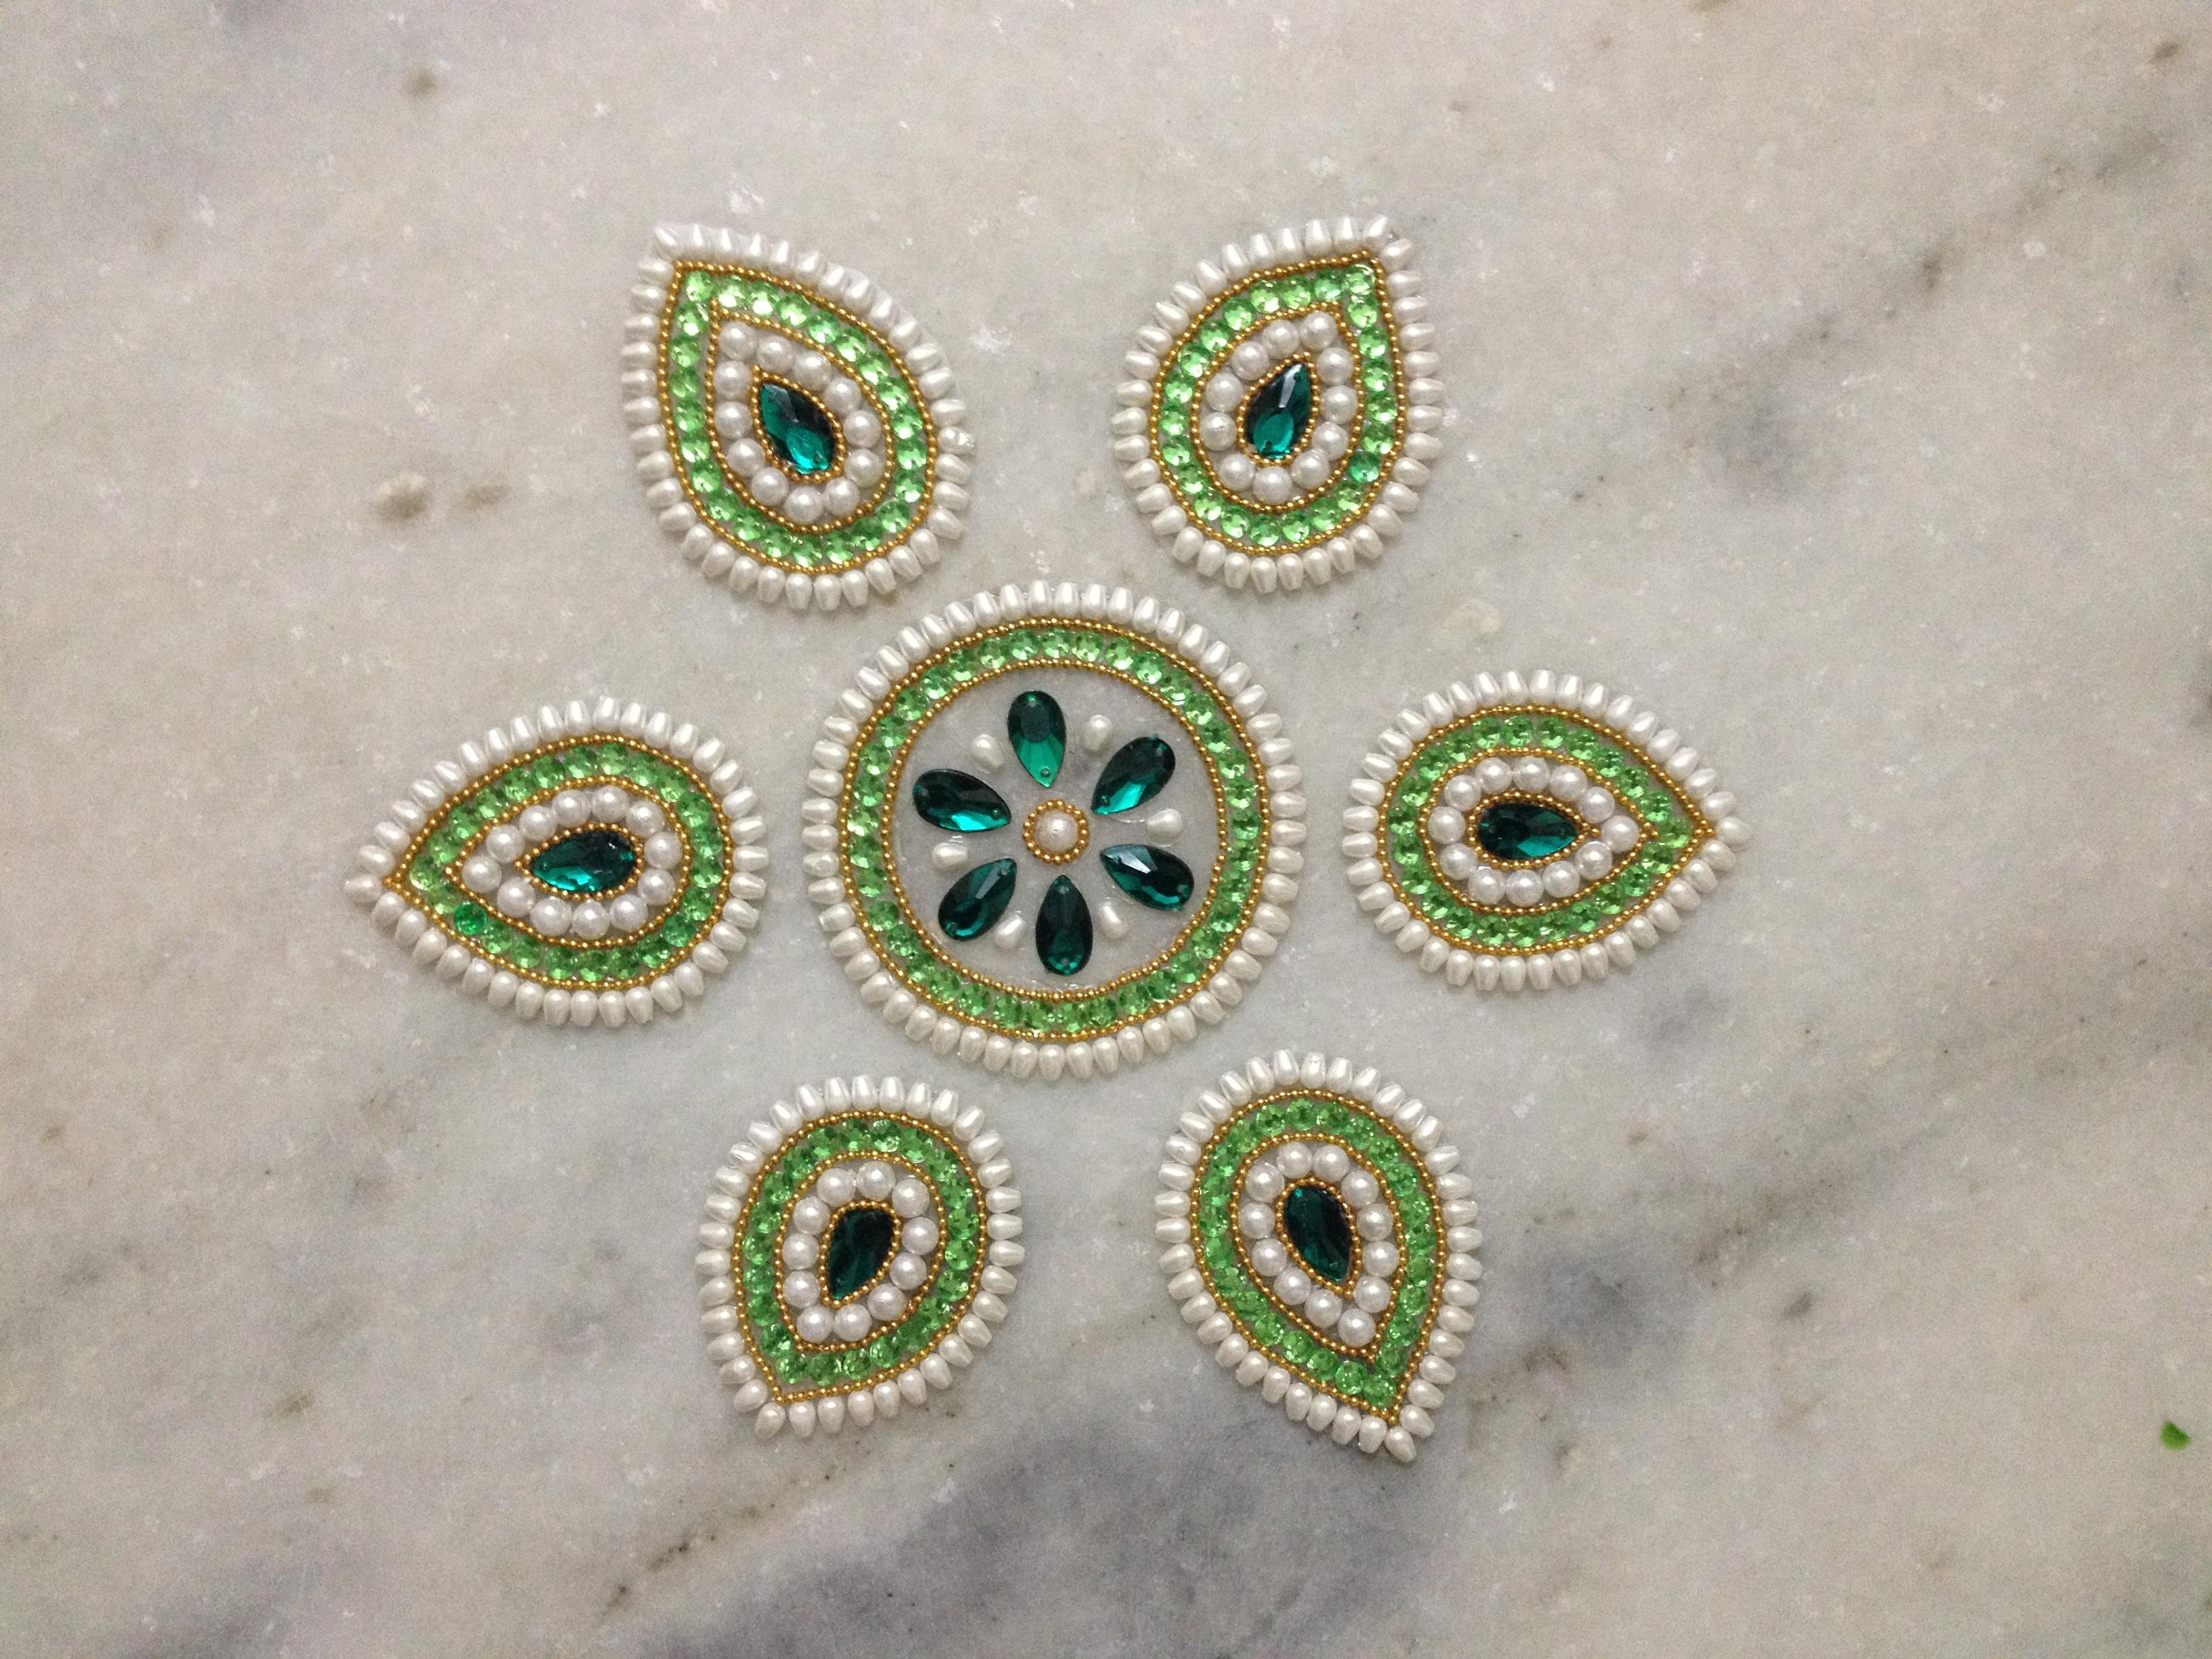 leaves shape kundan rangoli desigsn